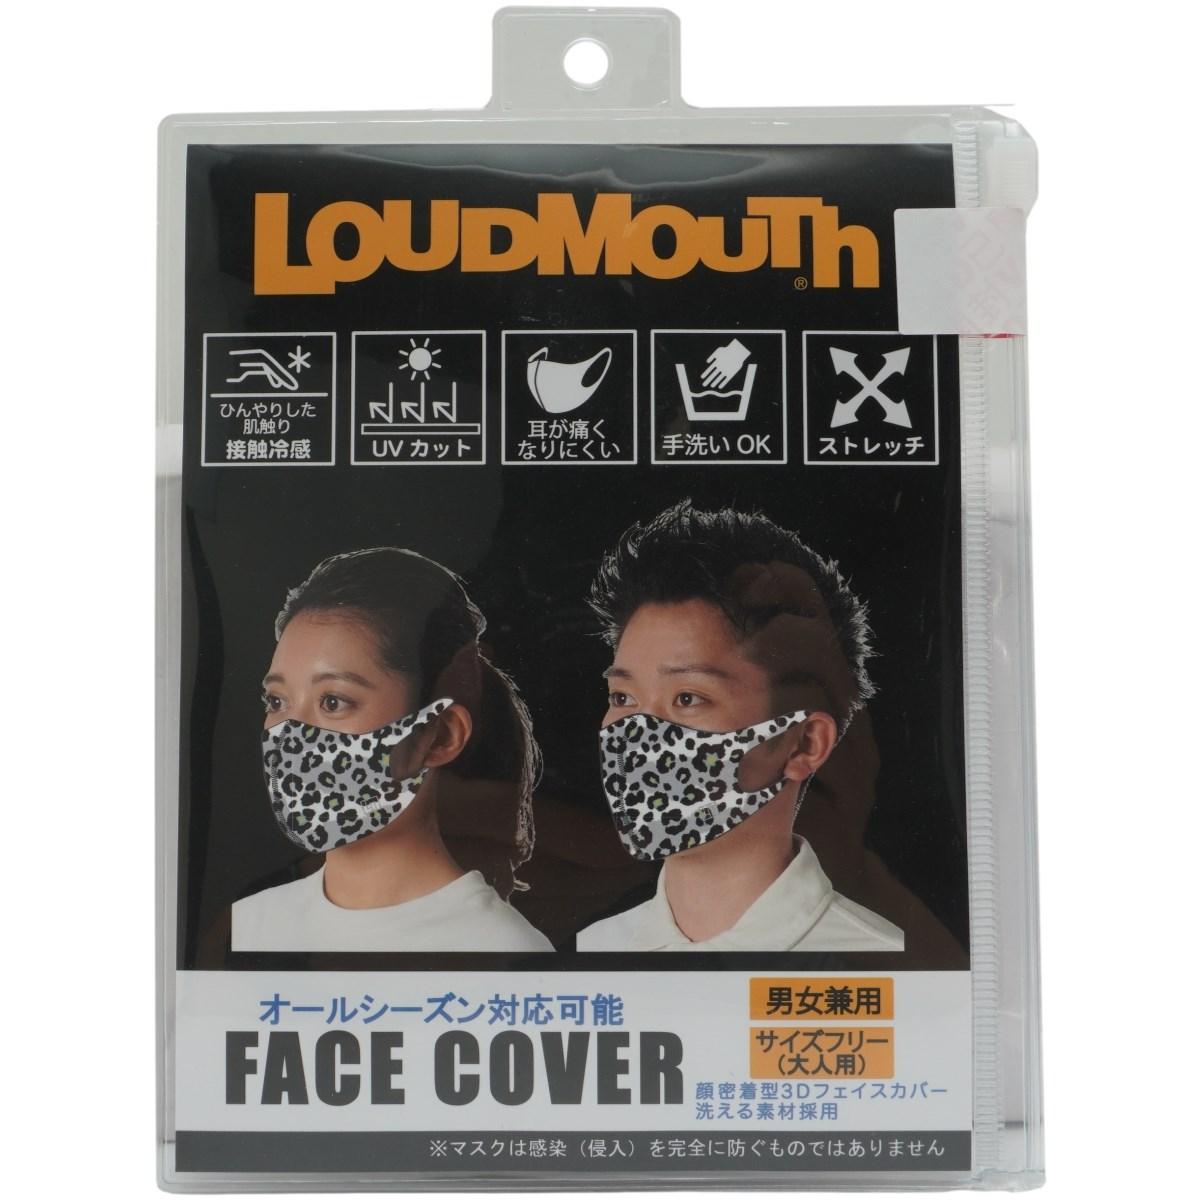 ラウドマウスゴルフ Loud Mouth Golf マスク スノーレオパード 286 フリー